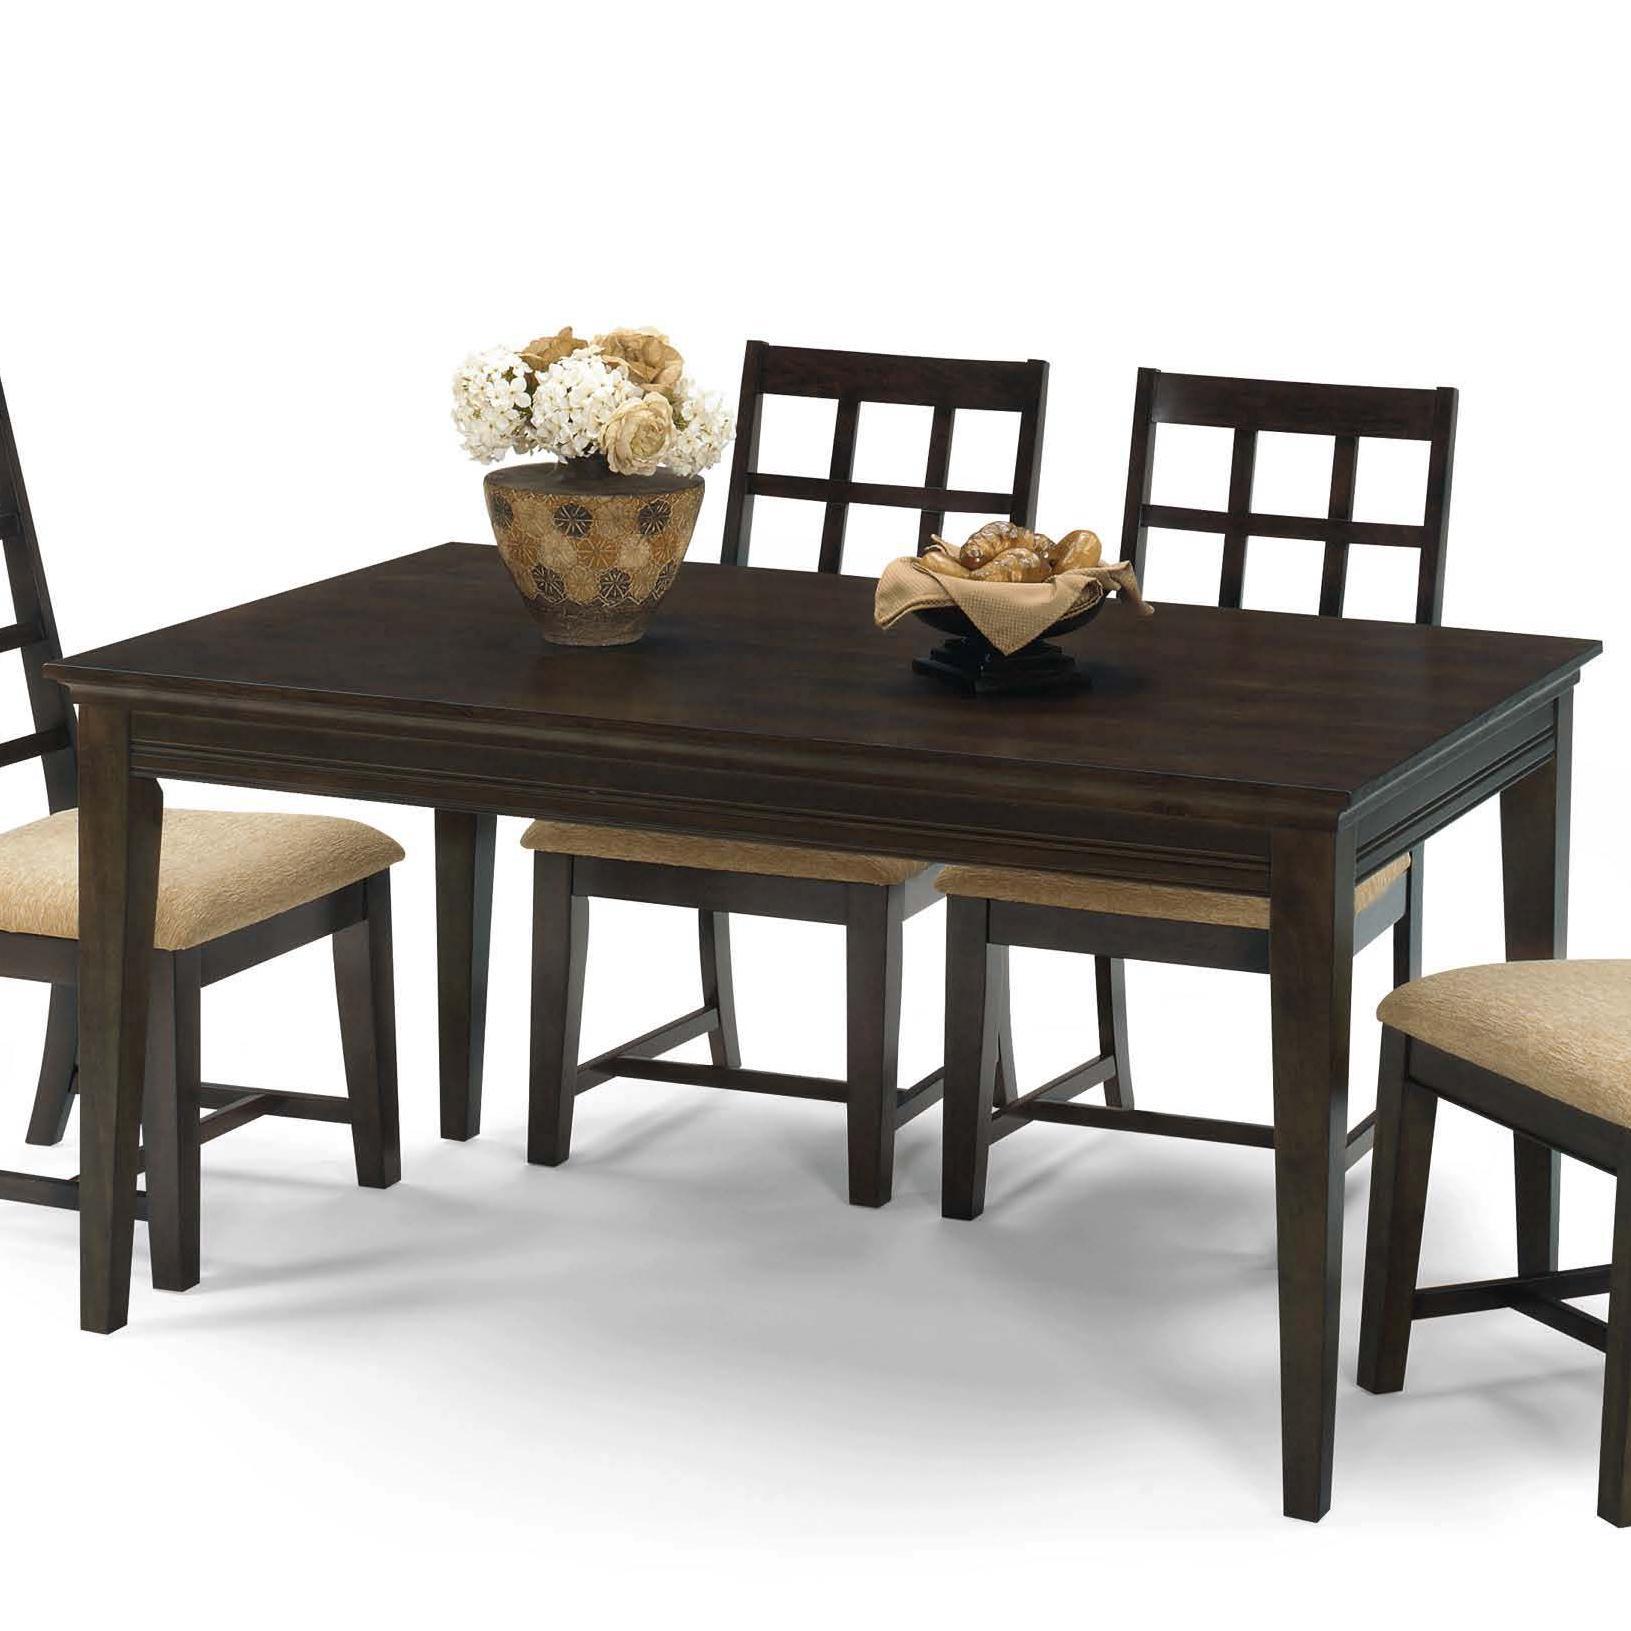 Progressive Furniture Casual Traditions Casual 4 Leg